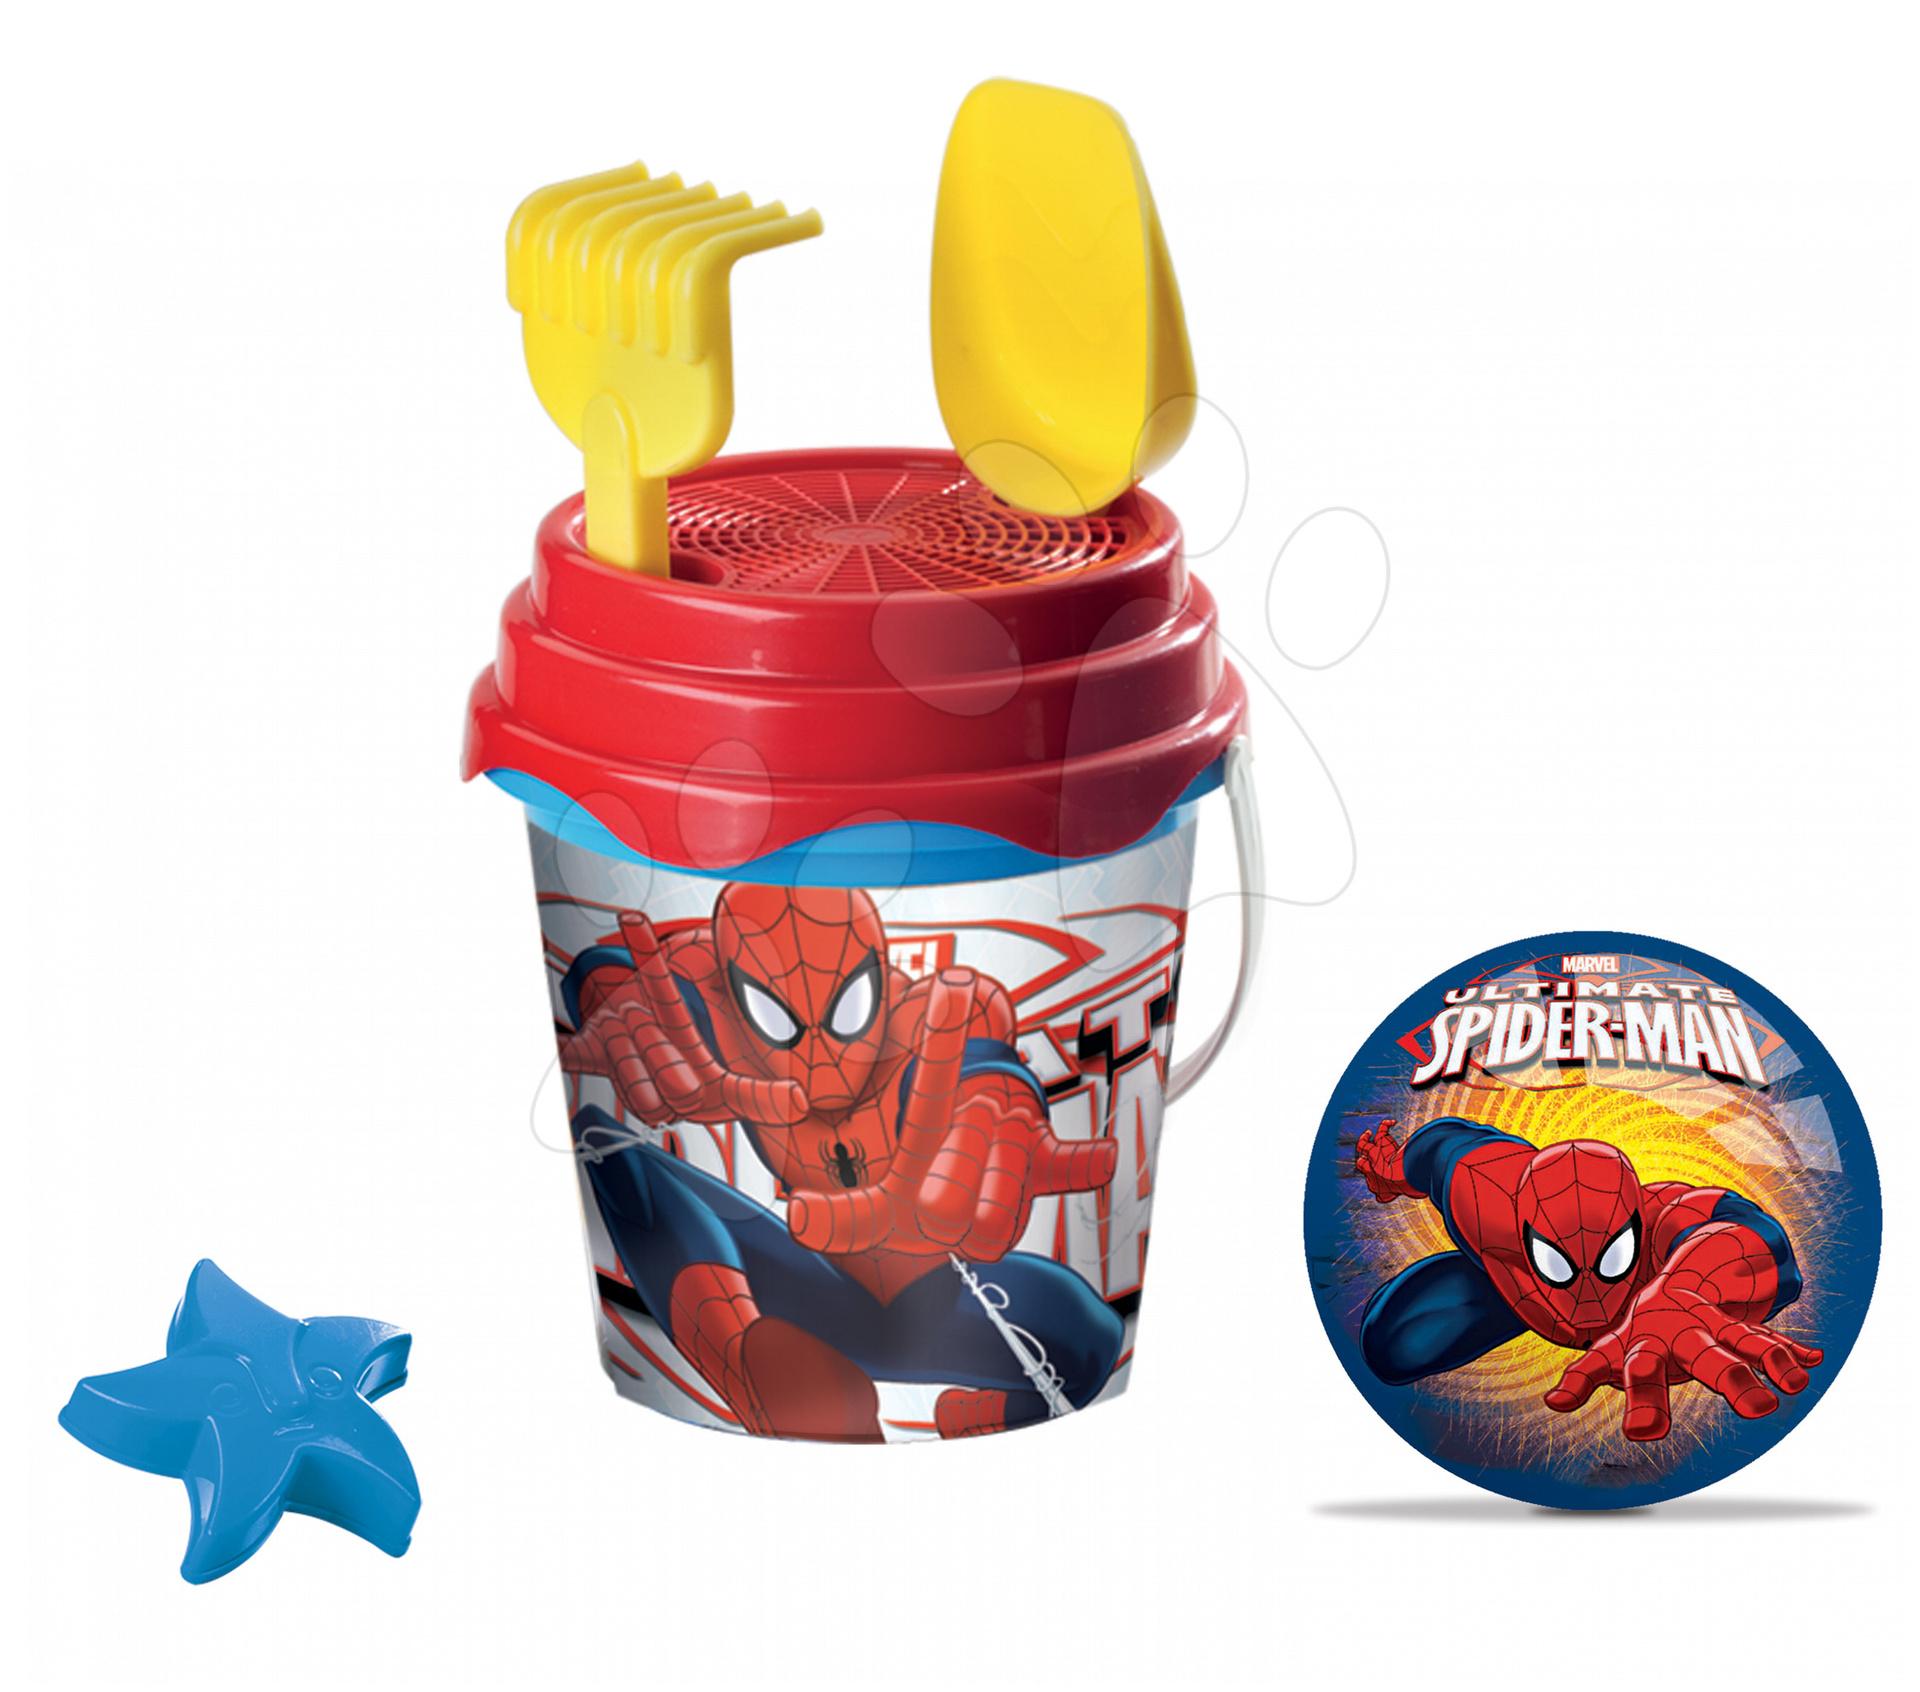 Kbelík set s míčem The Ultimate Spiderman  Mondo 7 ks 17 cm